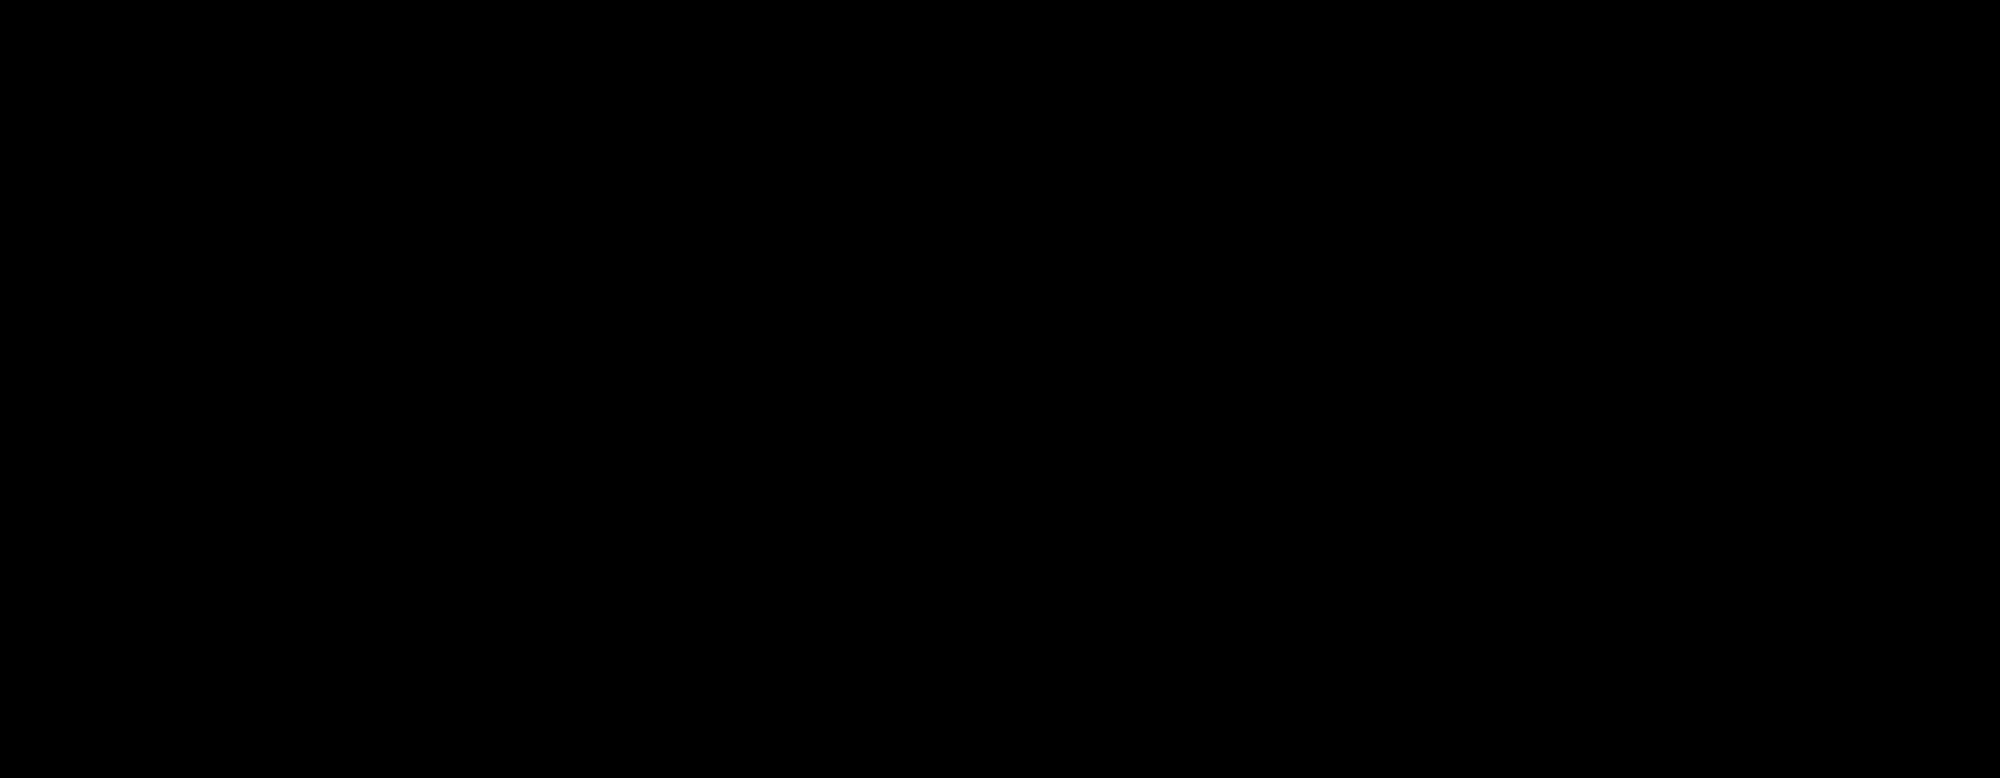 FutureMap-logo-black.png